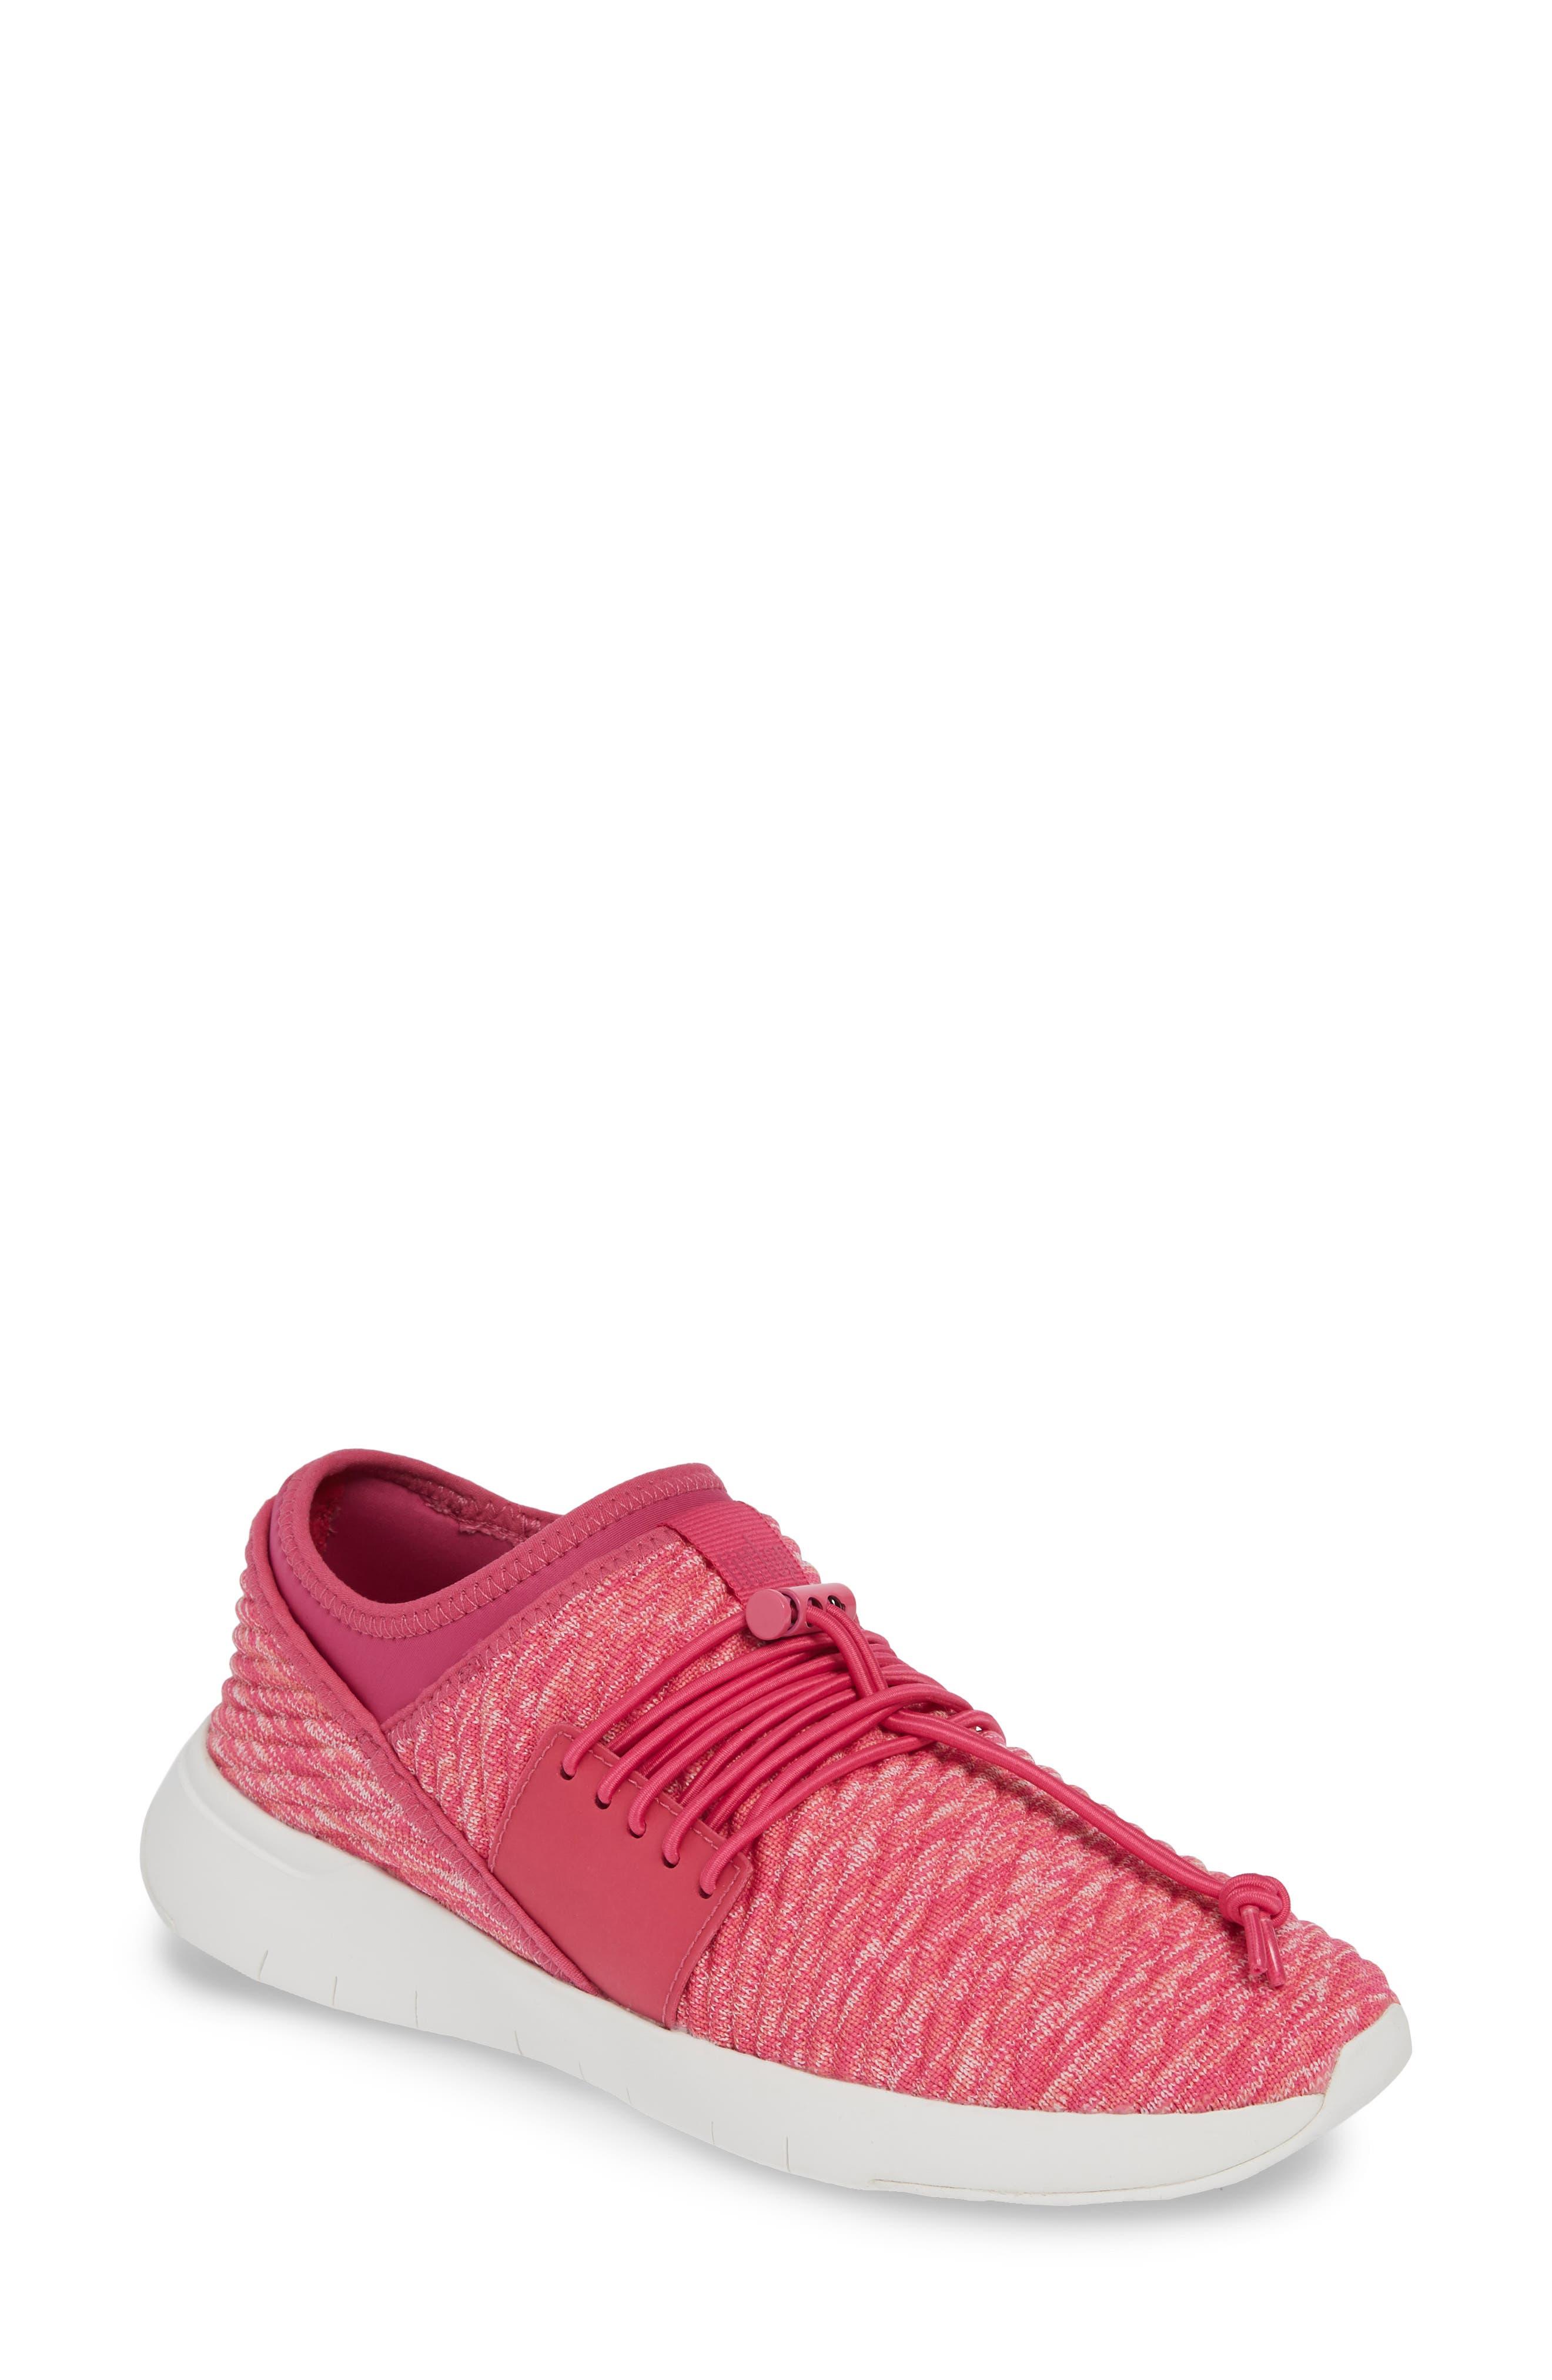 Fitflop Sneakers ARTKNIT SOCK SNEAKER